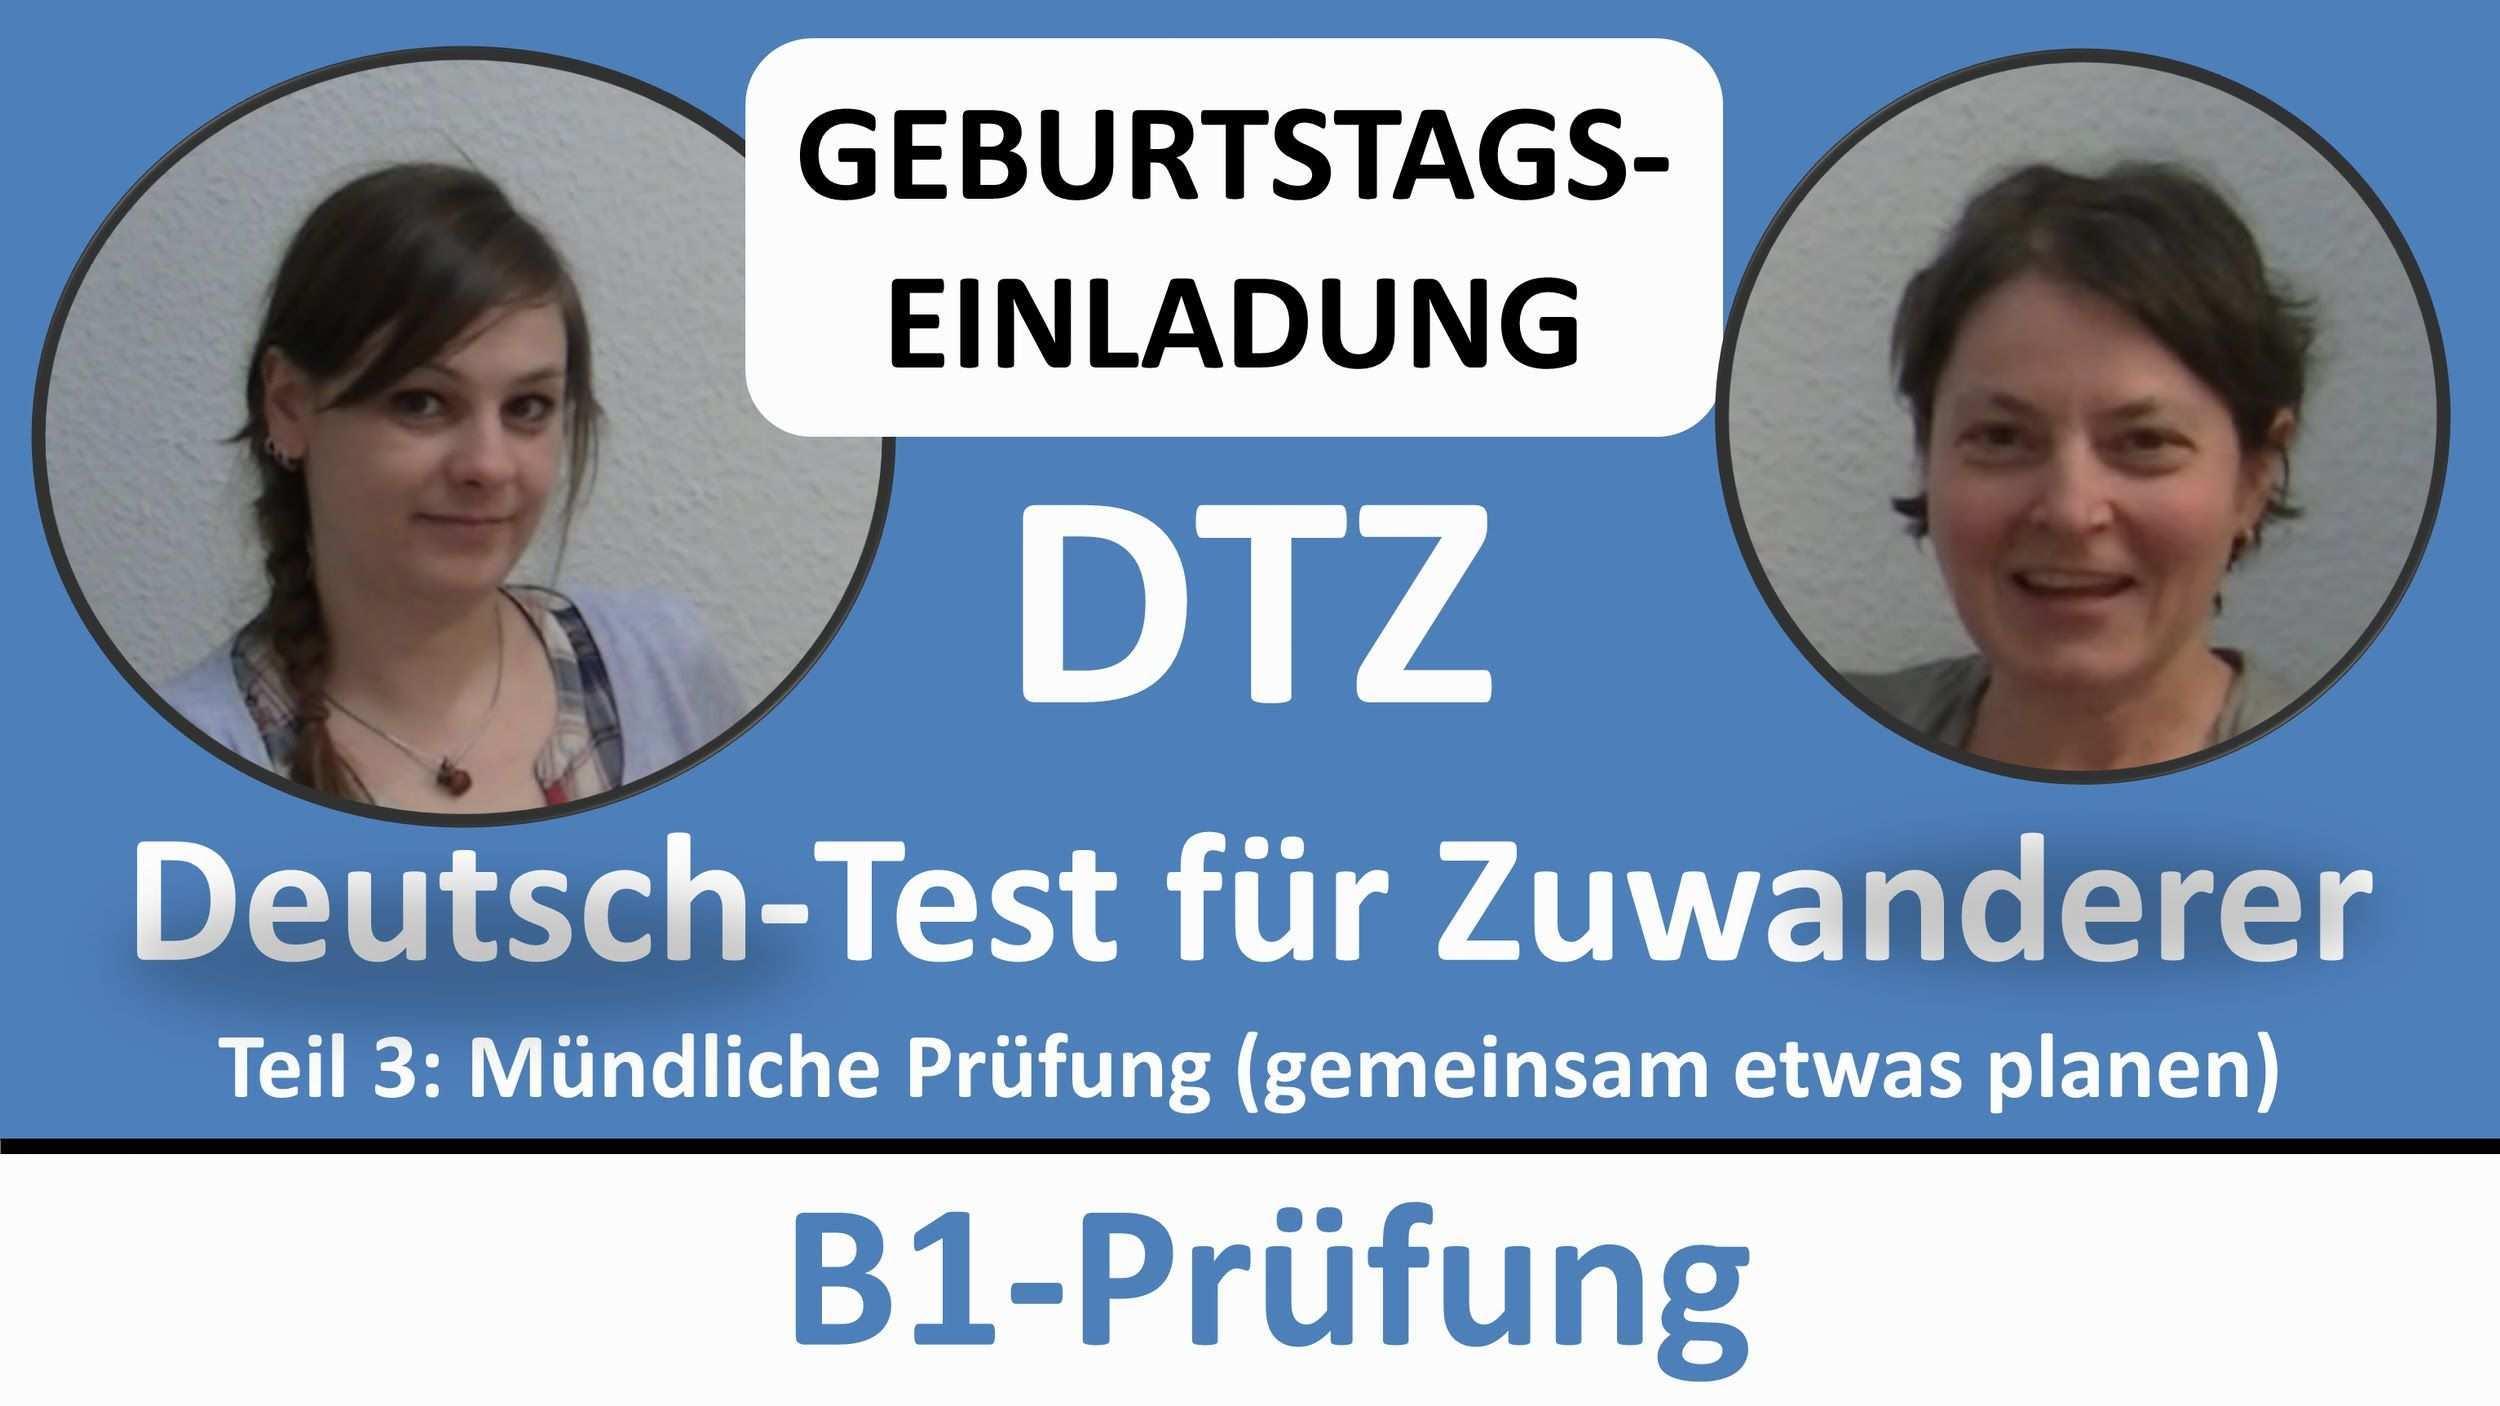 Deutsch Lernen B1 Prufung Dtz Mundliche Prufung Geburtstag Gemeinsam Etwas Planen